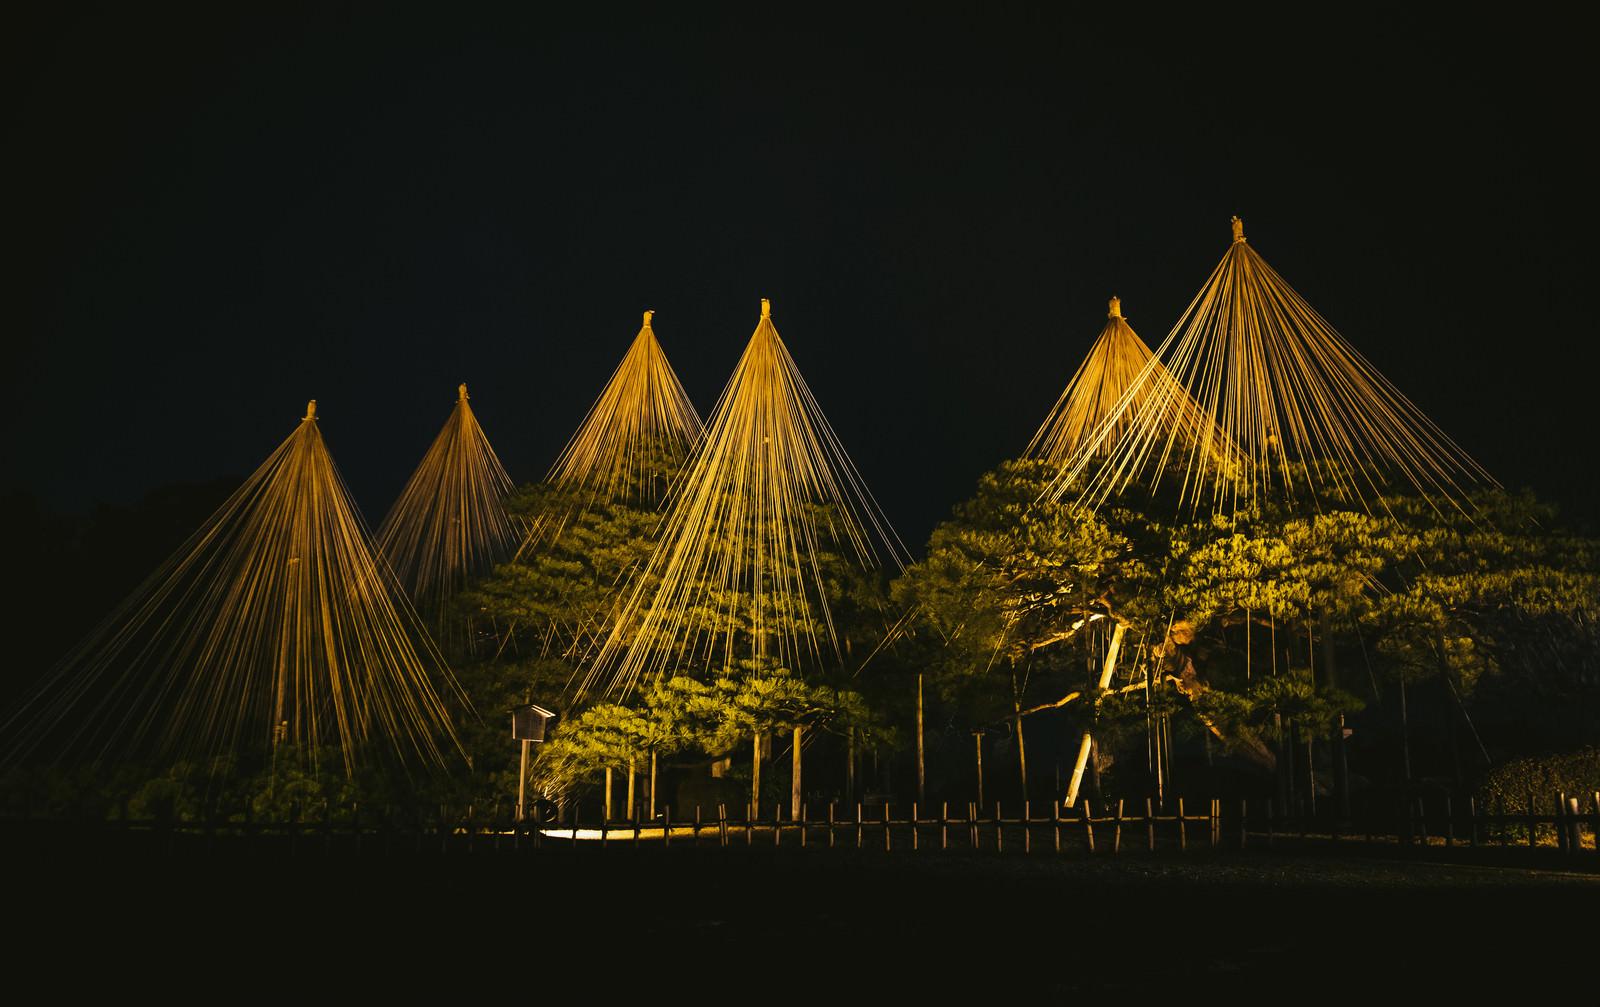 「ライトアップされた雪吊りの風景(りんご吊り)」の写真